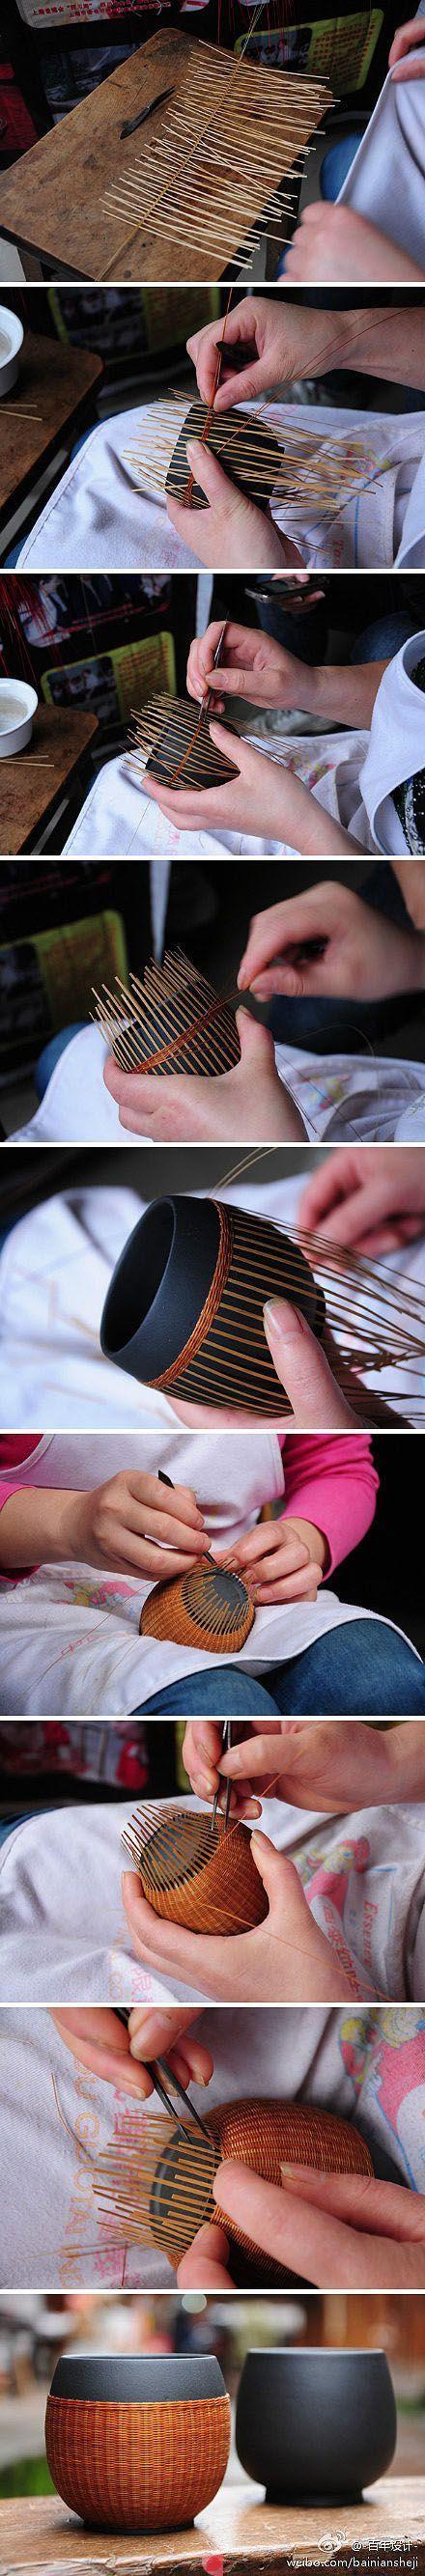 Making a basket...no source... (440×2668)